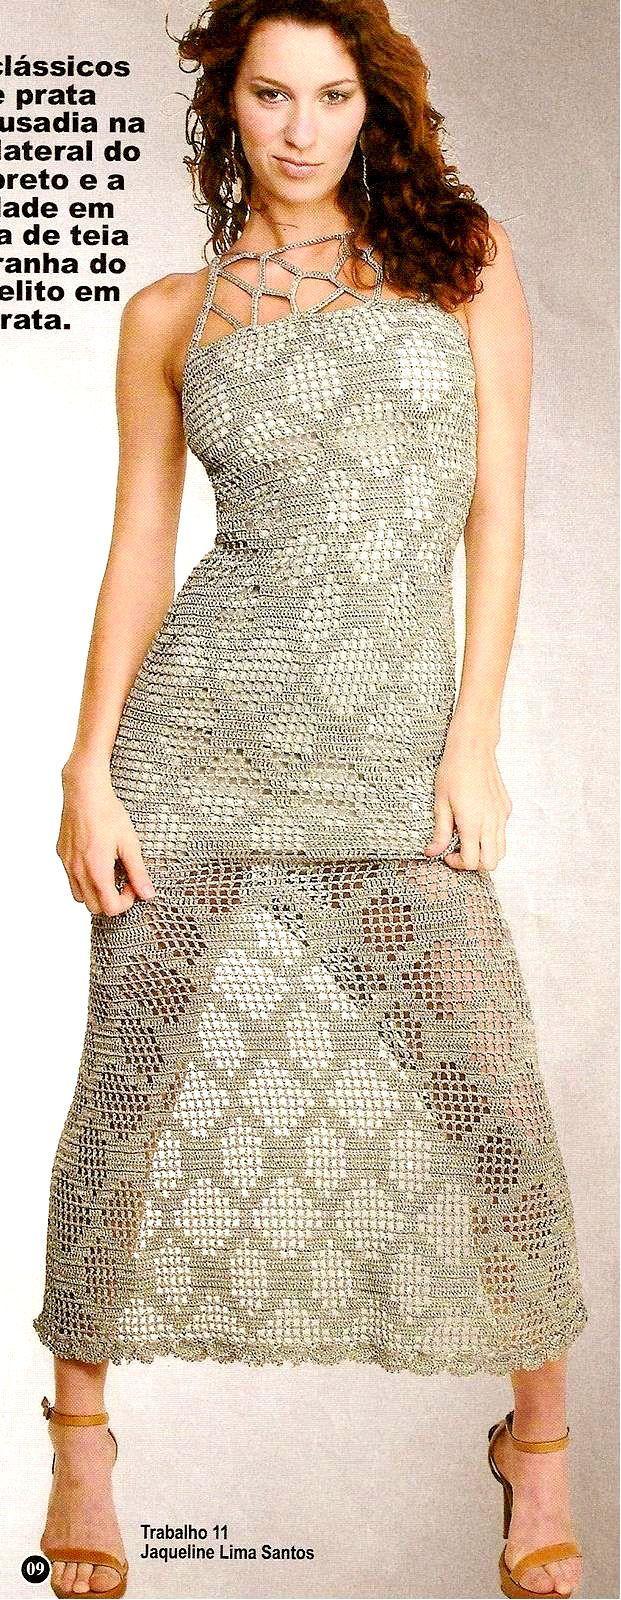 Crochetemoda: Vestido de Crochet Prata